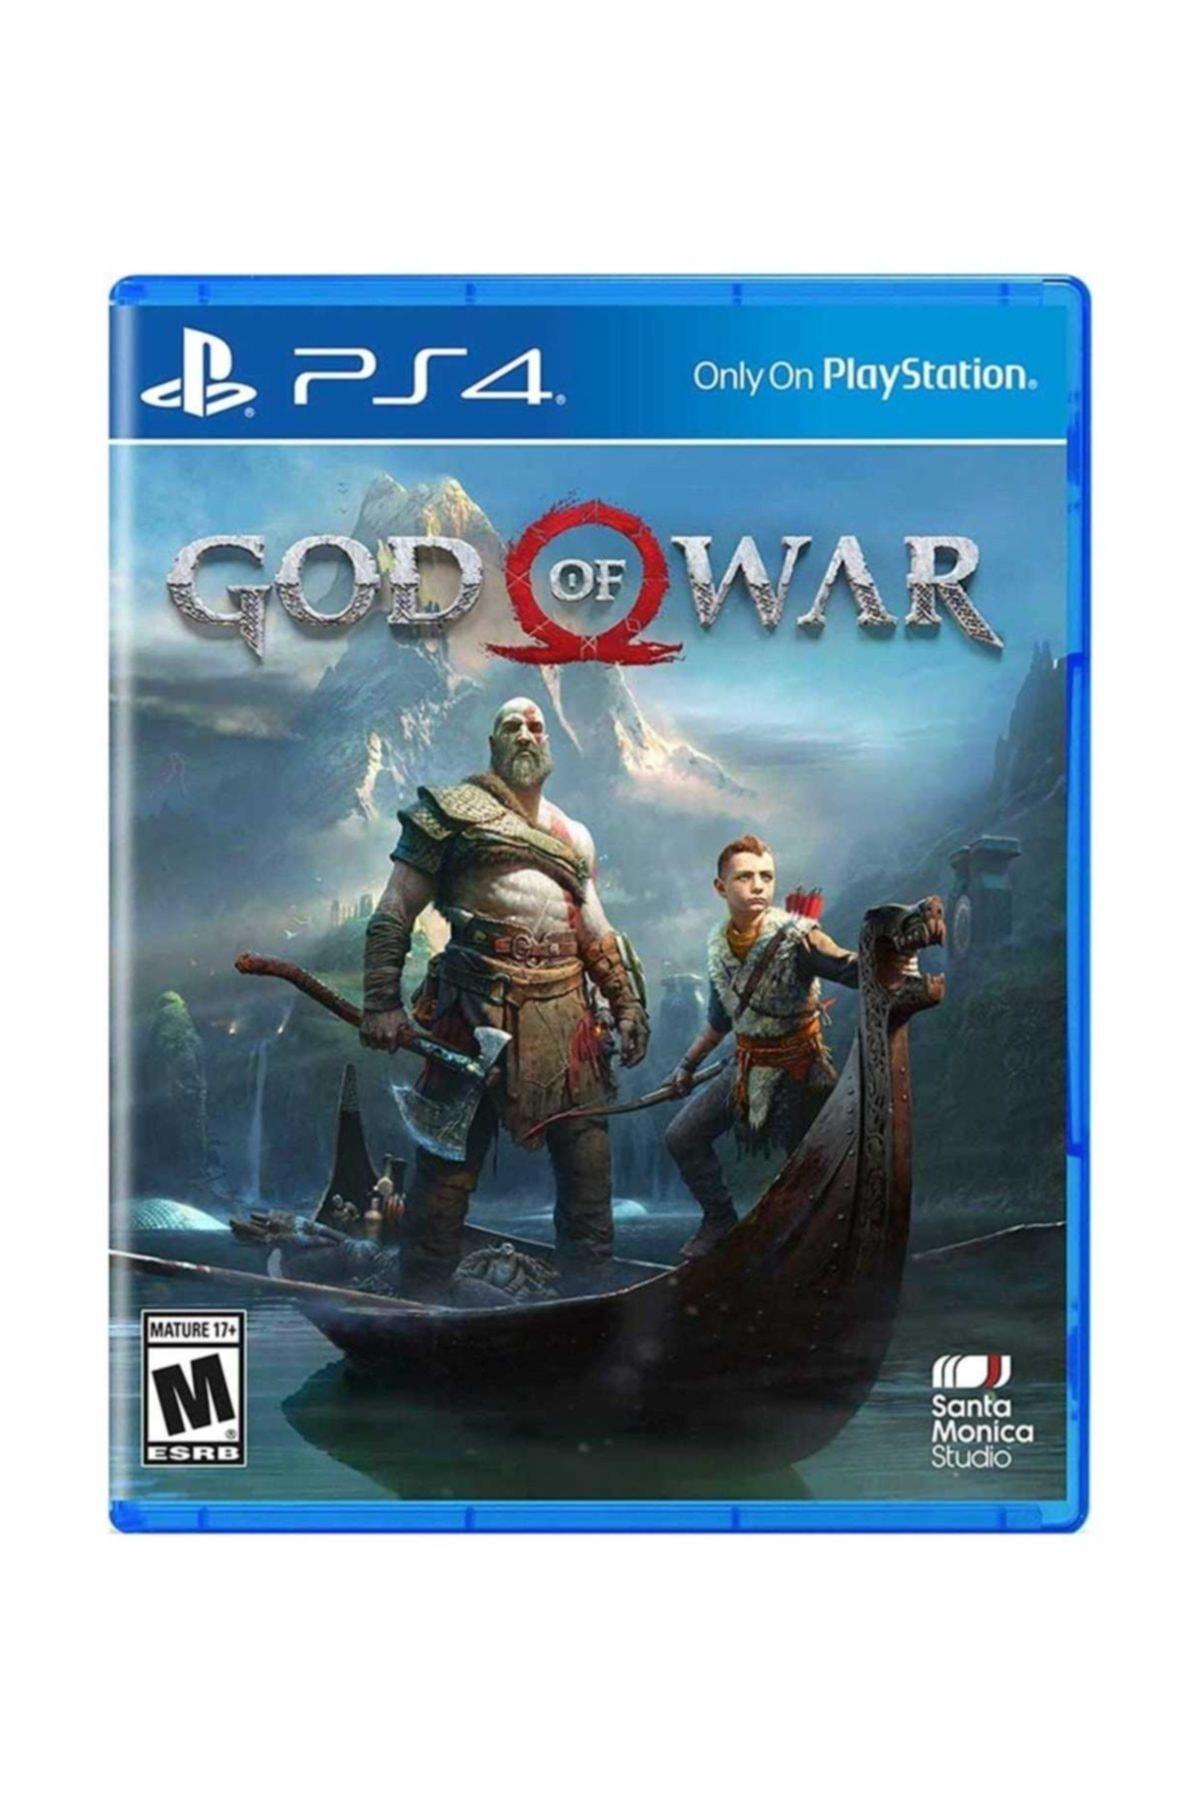 Santo Monica Studio God Of War Ps4 Oyun - Türkçe Altyazı 1